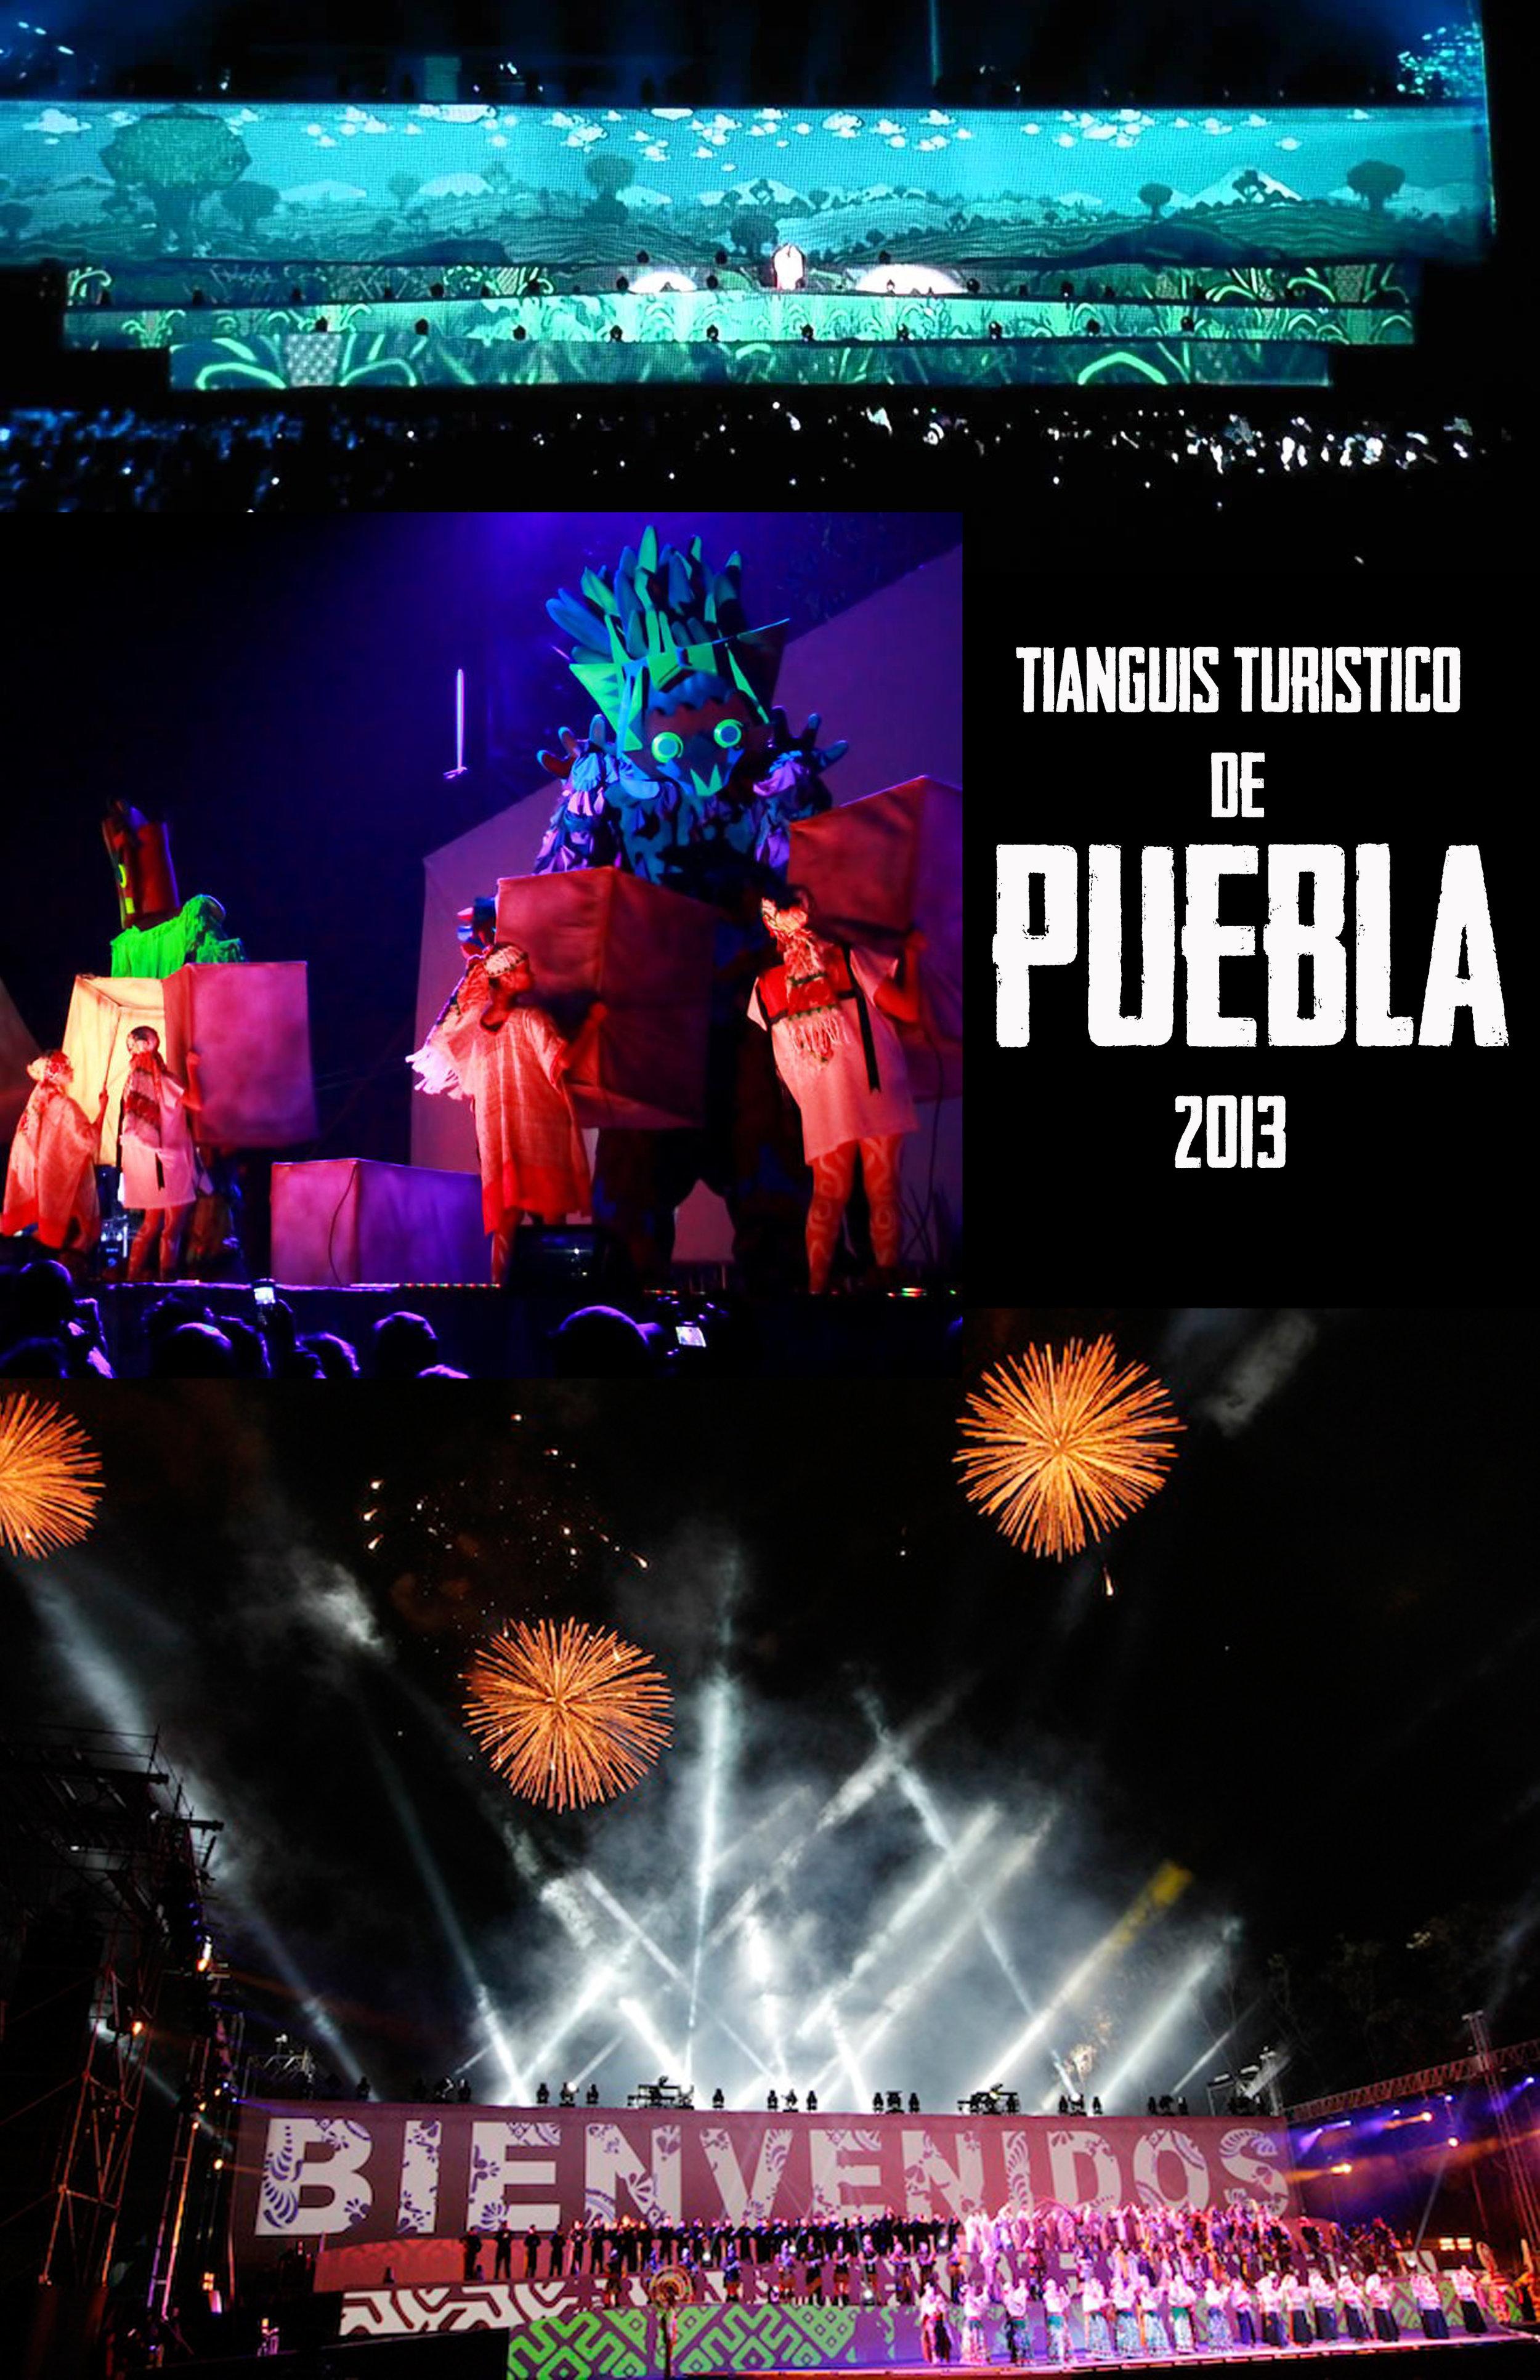 FUNDADA POR ANGELES EN TIERRA DE GIGANTES  Production inspired in the founding of Puebla, Mexico. Premier: March 18th, 2013 Direction: Hiram Marina, Production: COCOLAB / CREA Location: Plaza de La Victoria / Los Fuertes de Puebla 7 Representations with more than 85,000 spectators   https://vimeo.com/65859909